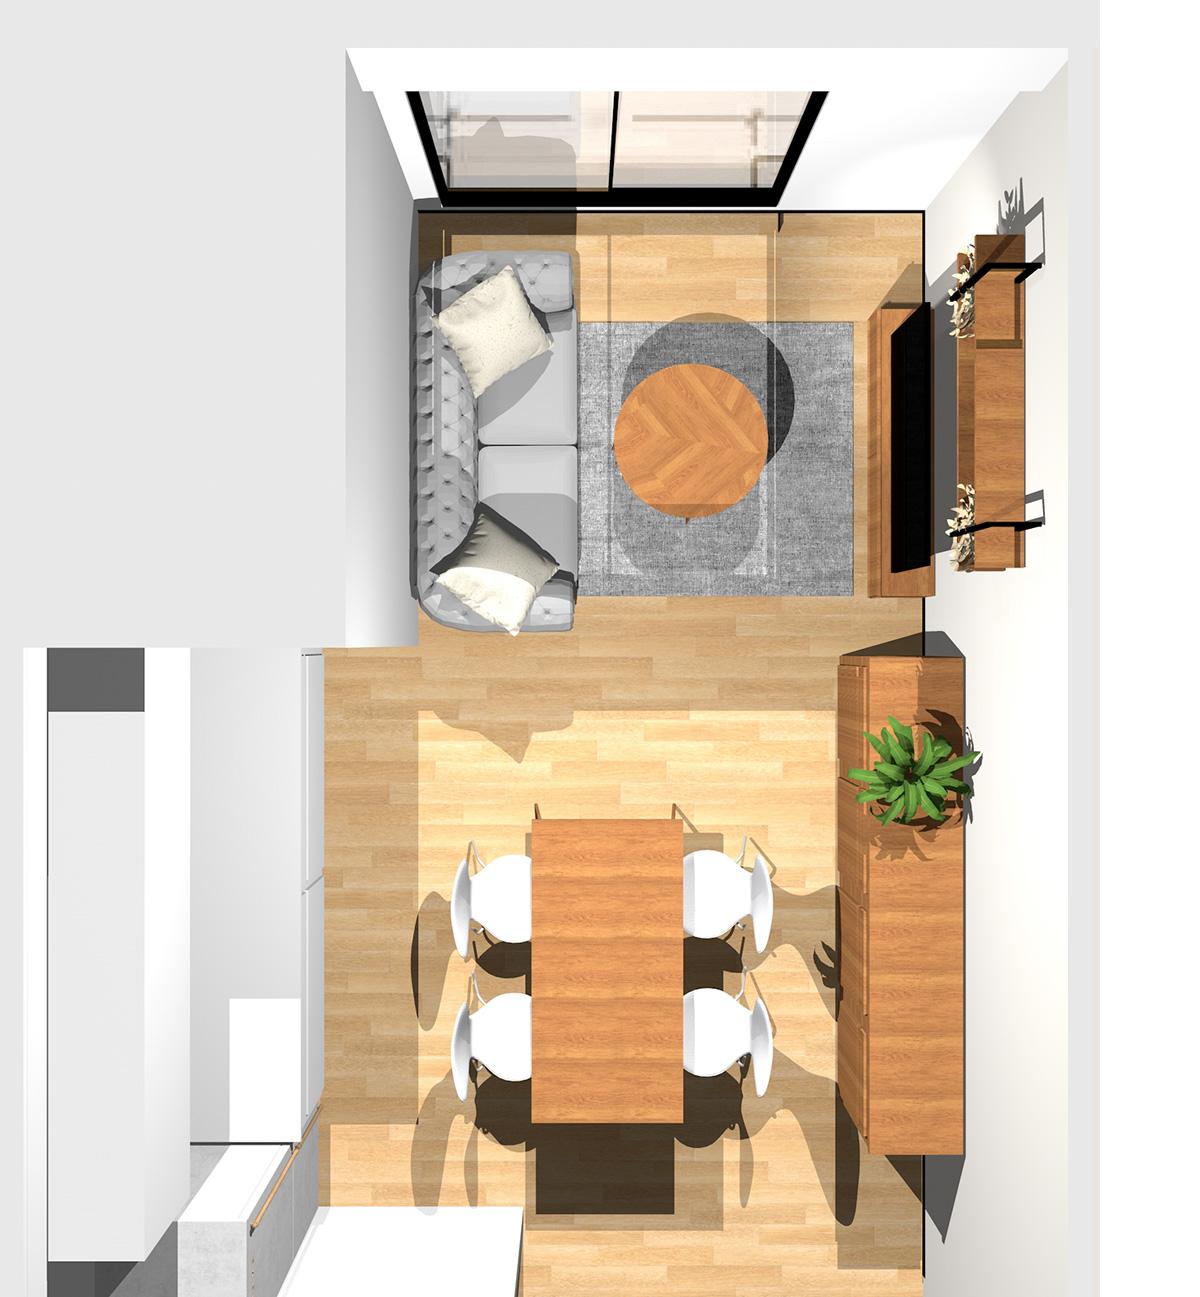 ヴィンテージな木製家具がポイント!無機質の中に木の質感を取り入れたかっこいいリビングダイニング(壁付けI型キッチン)のパース